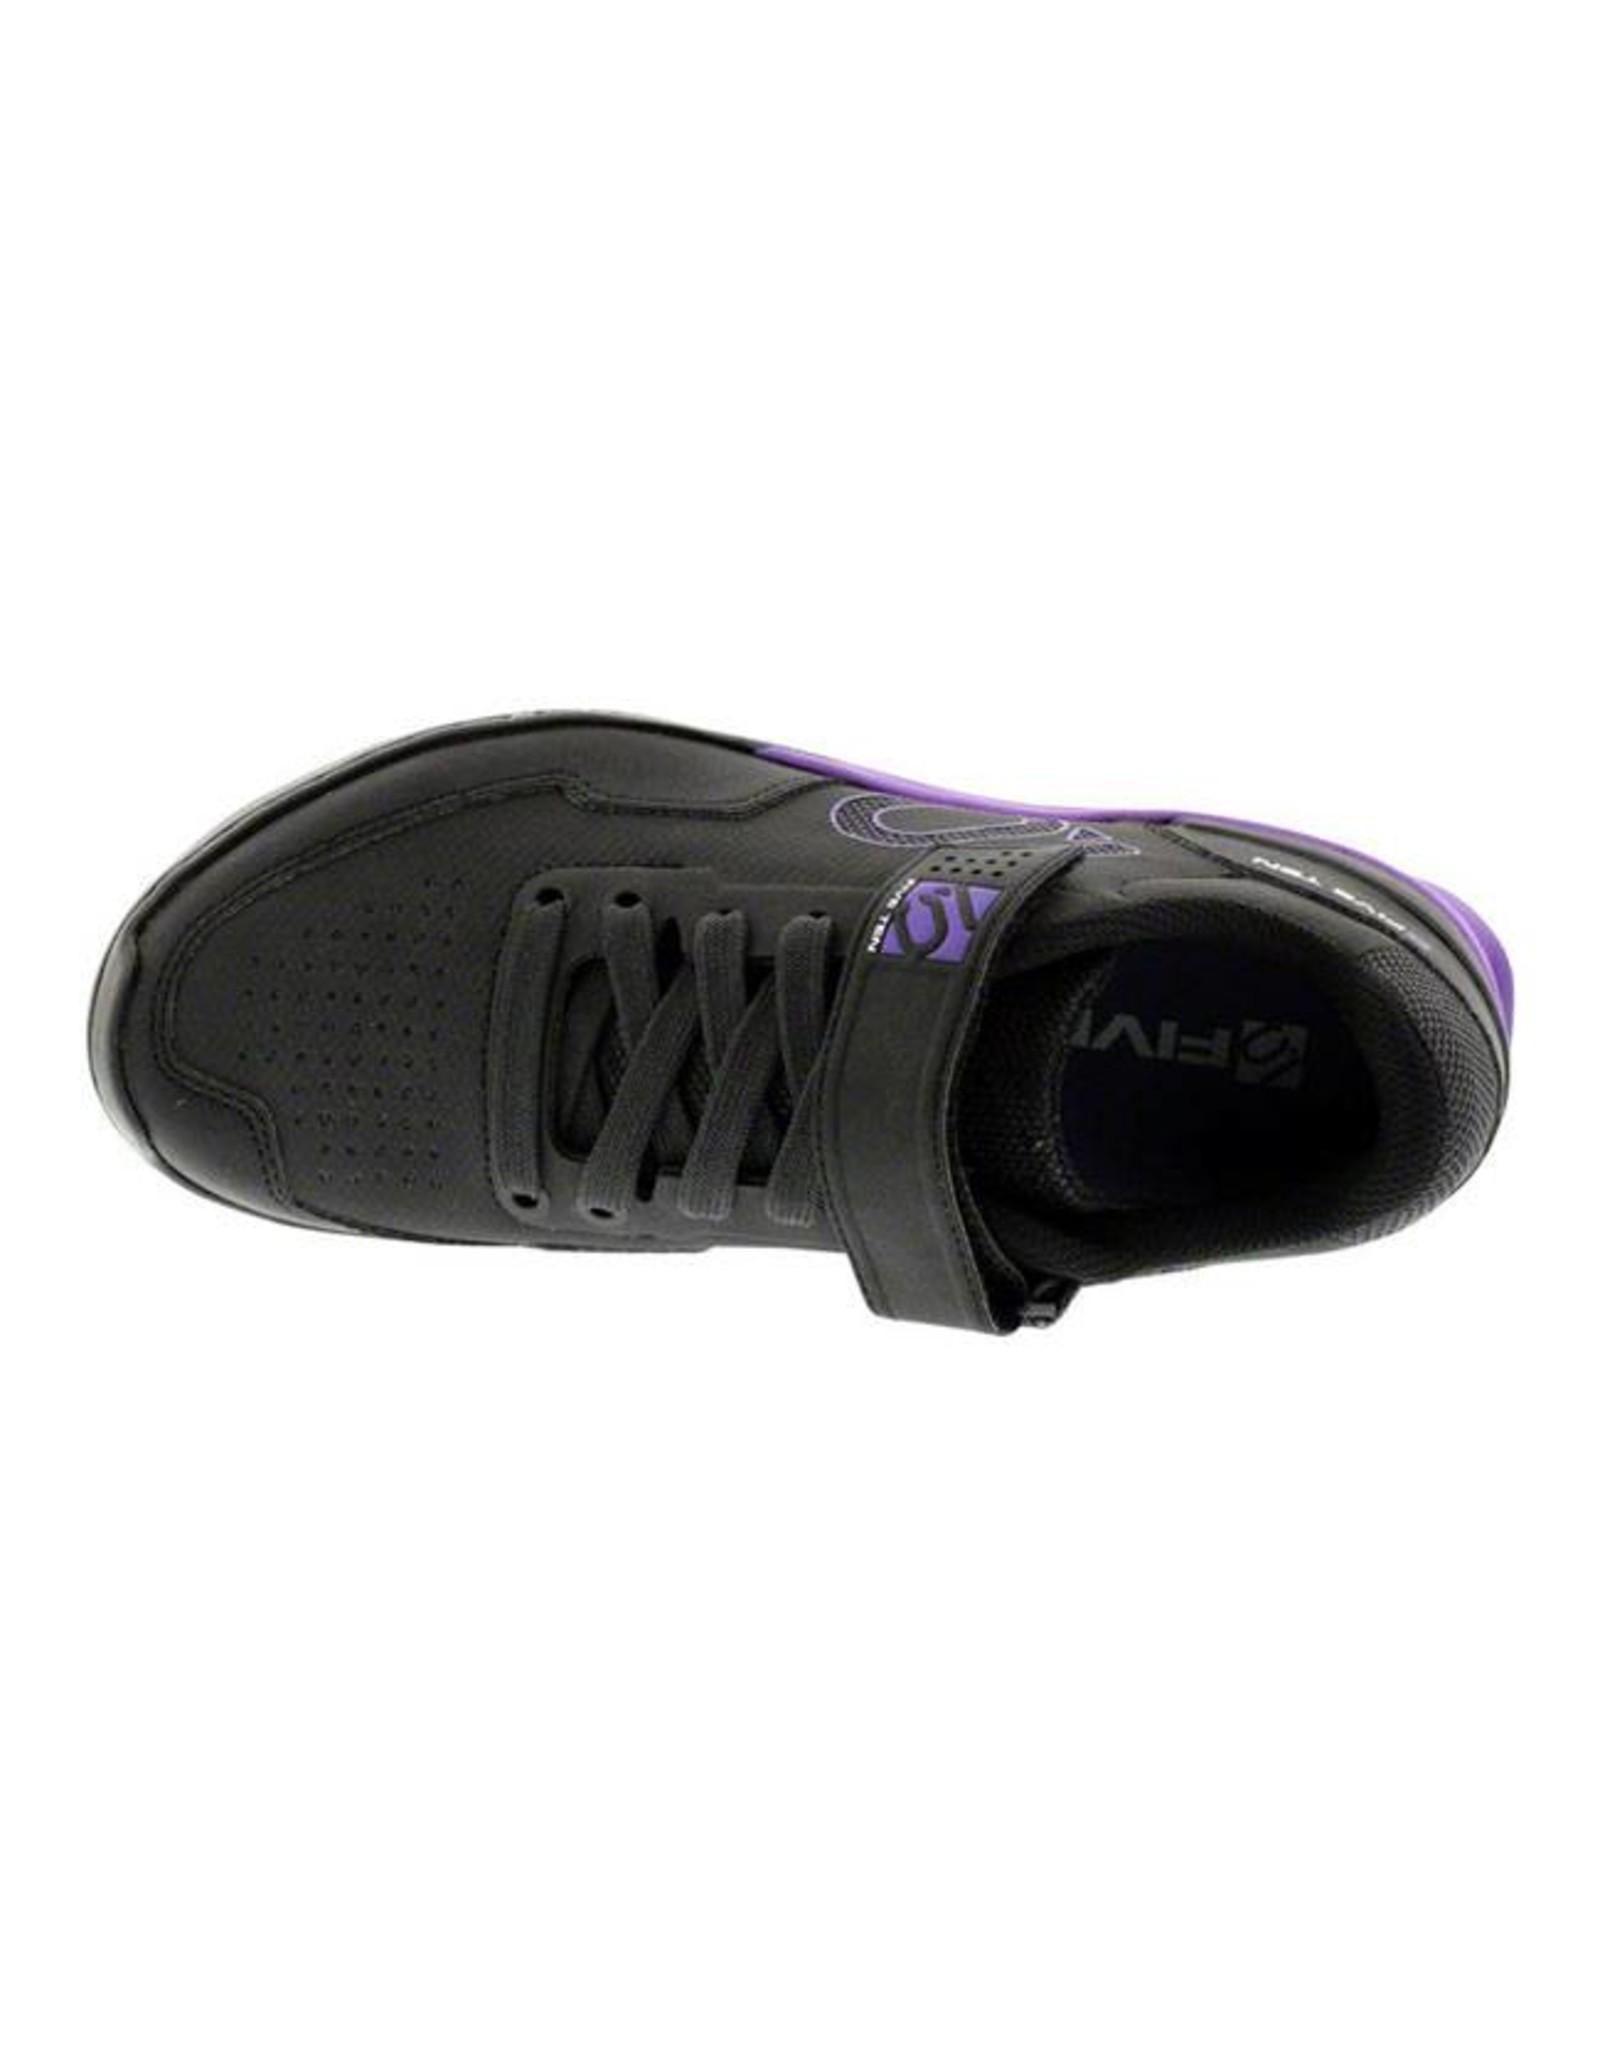 Five Ten Five Ten Kestrel Lace Women's Clipless Shoe: Black Purple 5.5